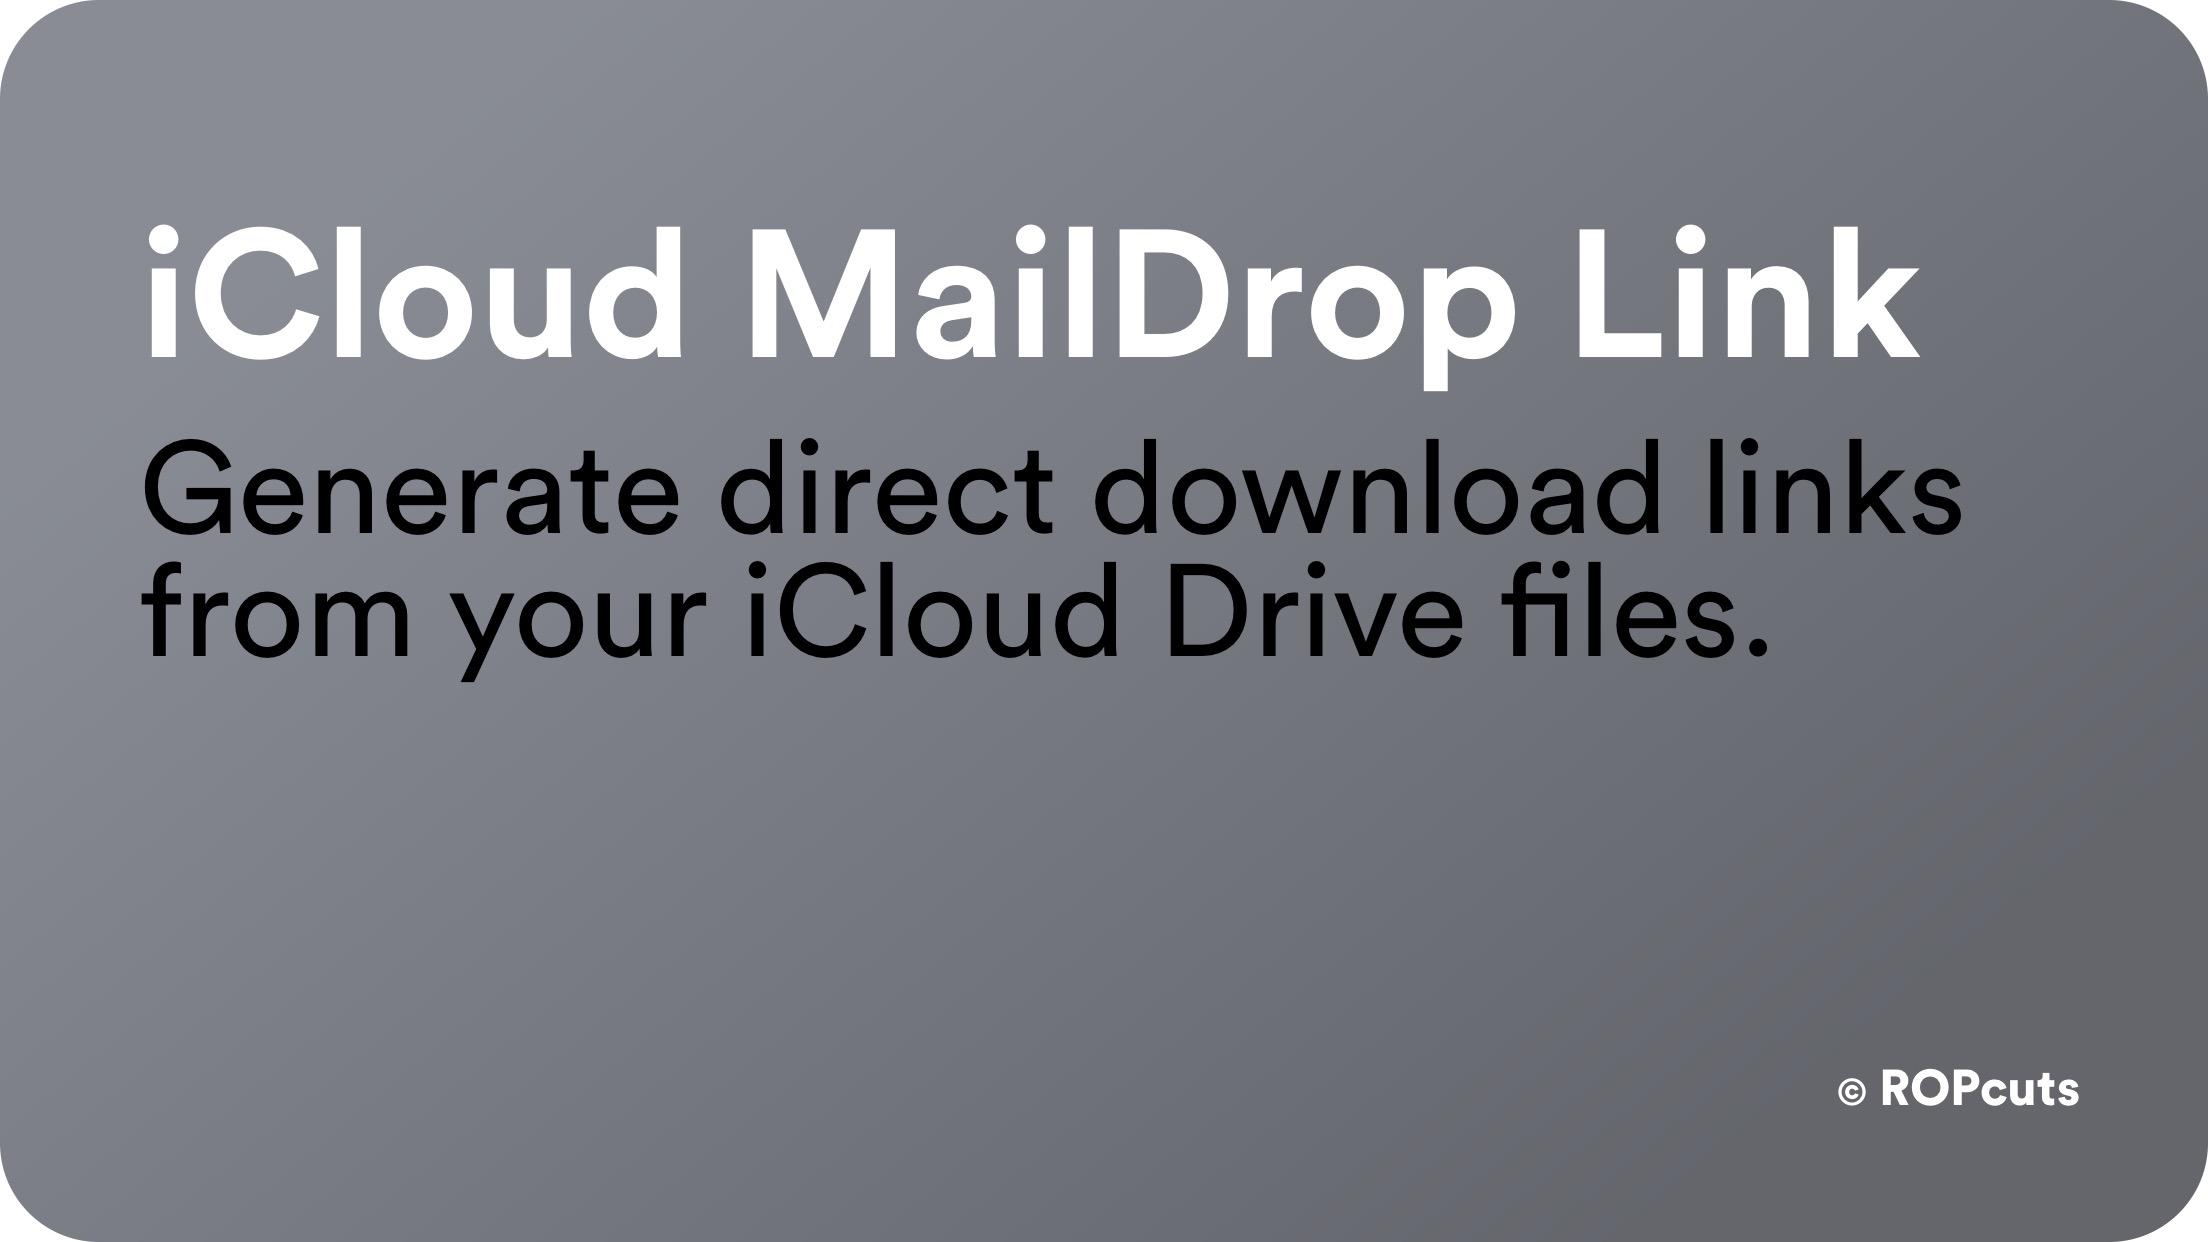 iCloud MailDrop Link